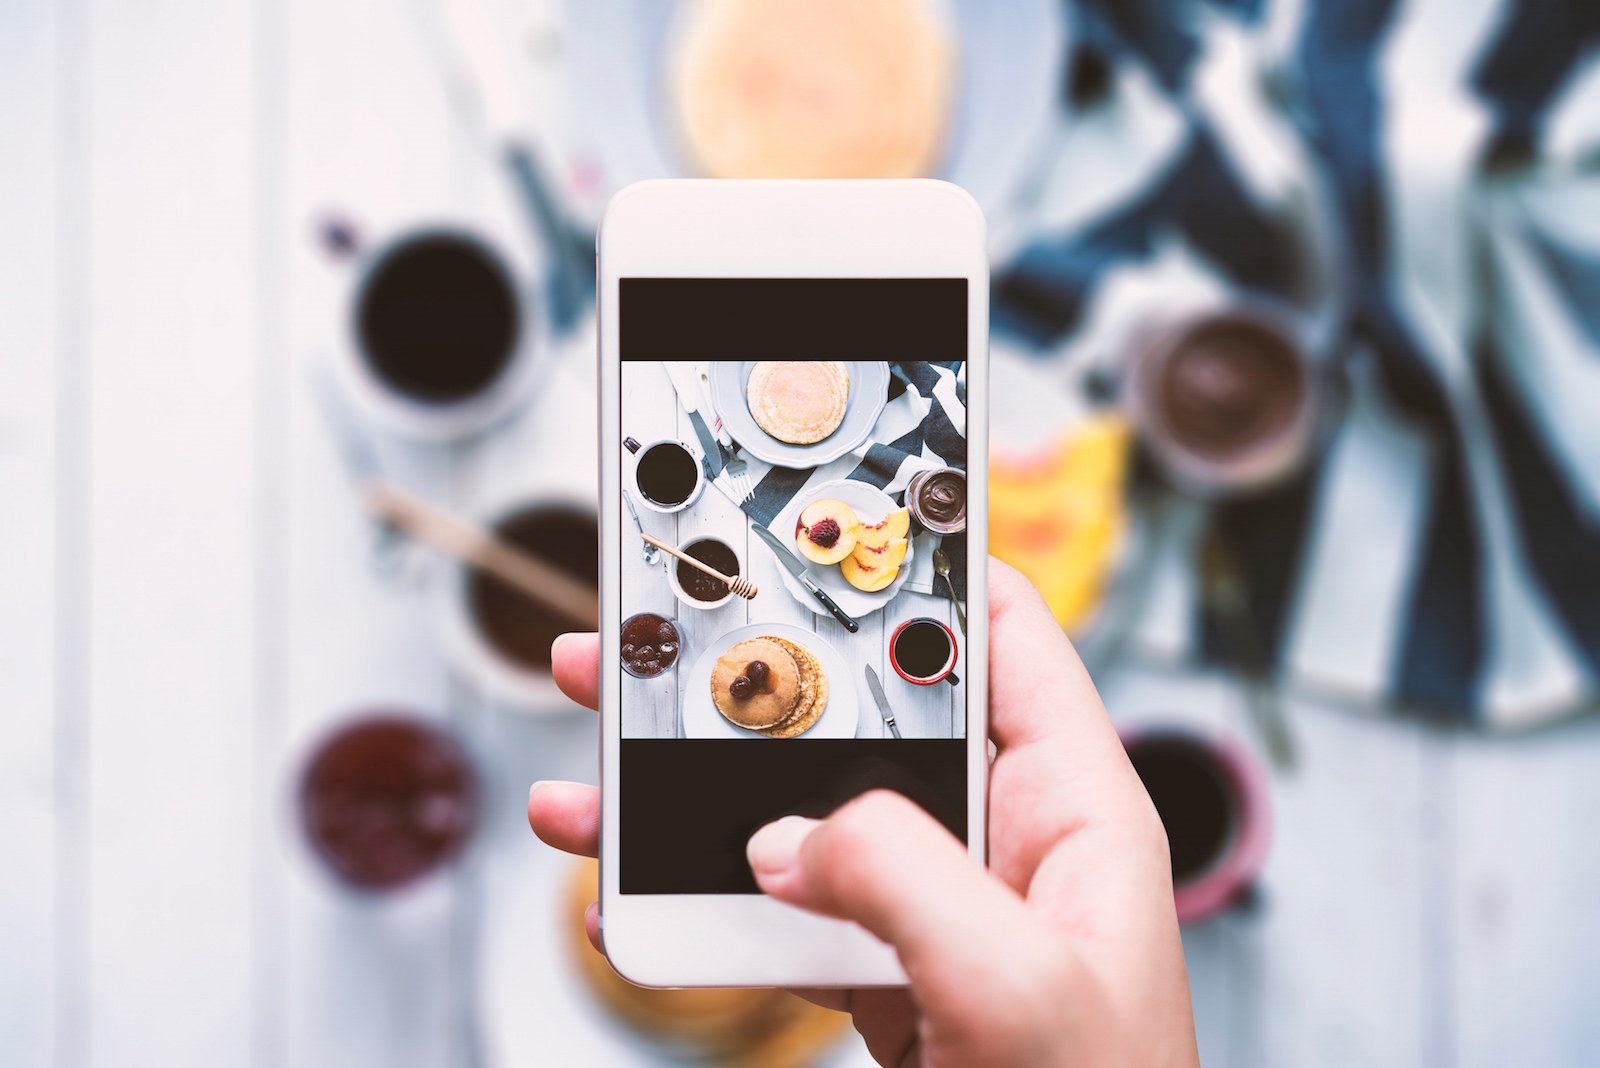 come-scegliere-le-perfette-didascalie-per-instagram